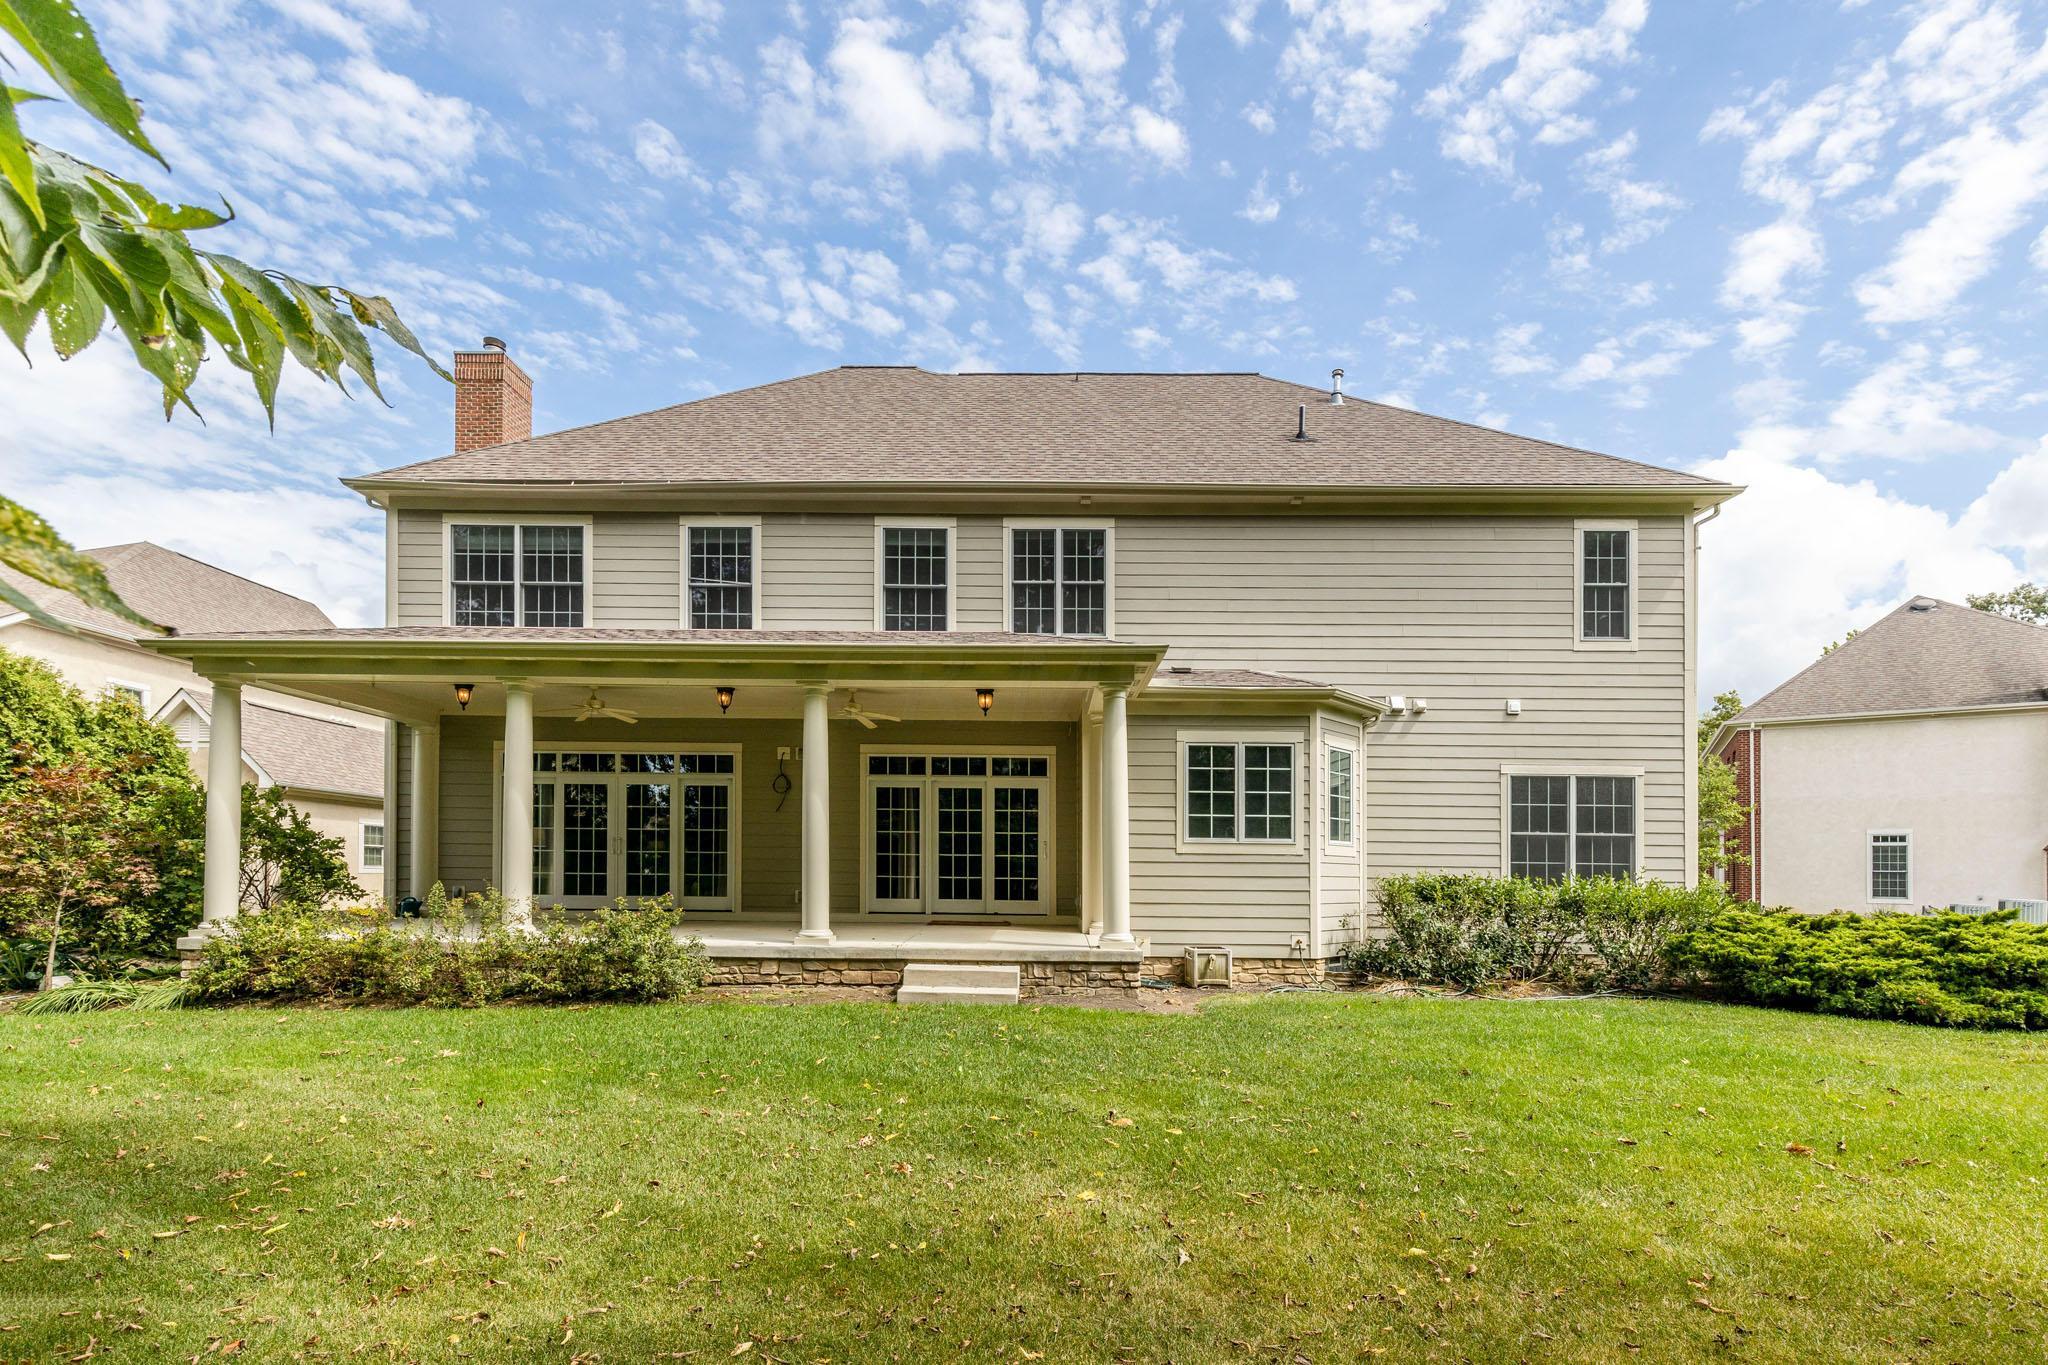 10022 MacDonald Drive, Dublin, Ohio 43017, 6 Bedrooms Bedrooms, ,6 BathroomsBathrooms,Residential,For Sale,MacDonald,220031186